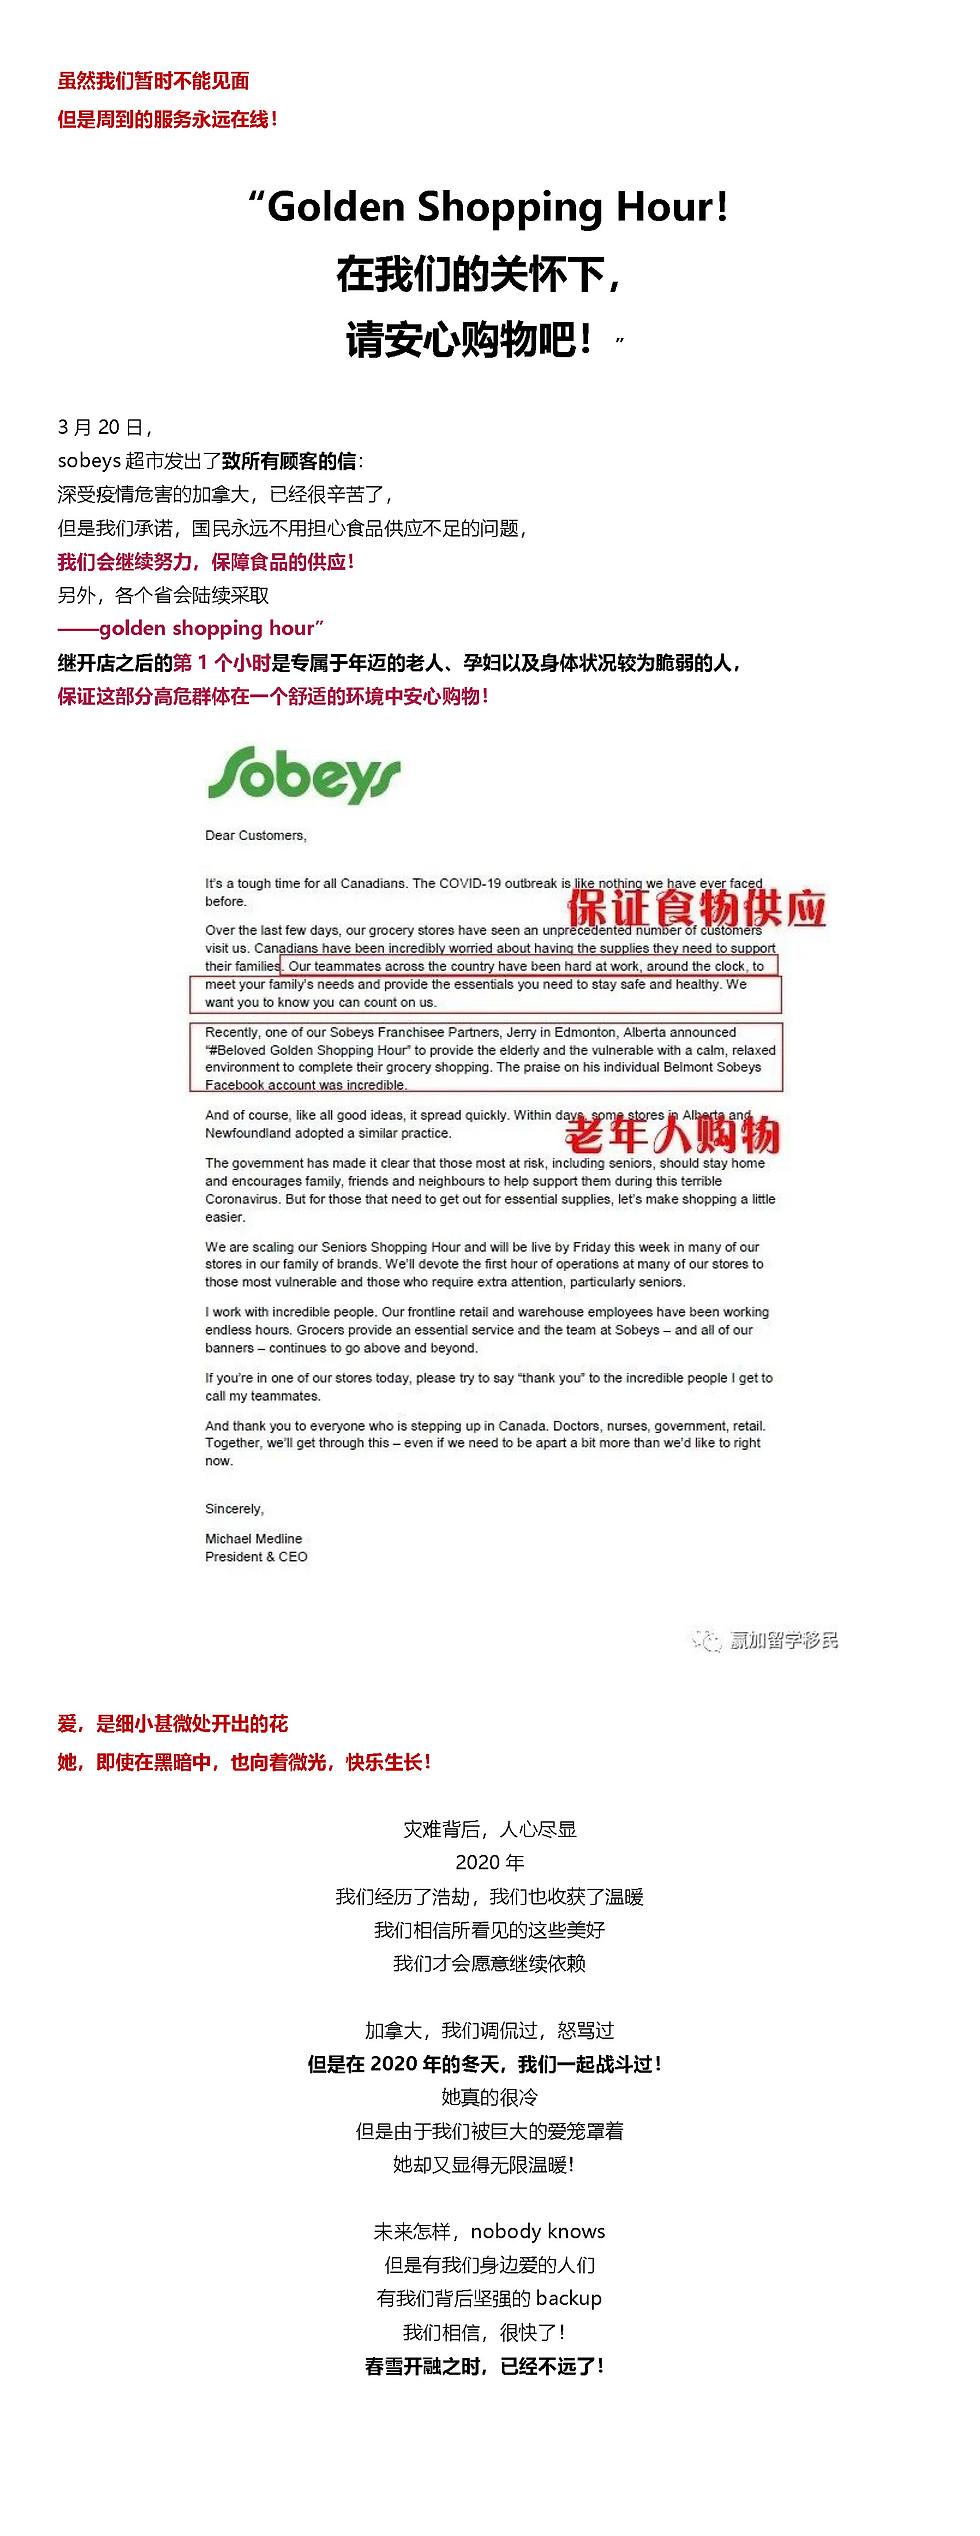 曼省紧急状态_Page_6.jpg